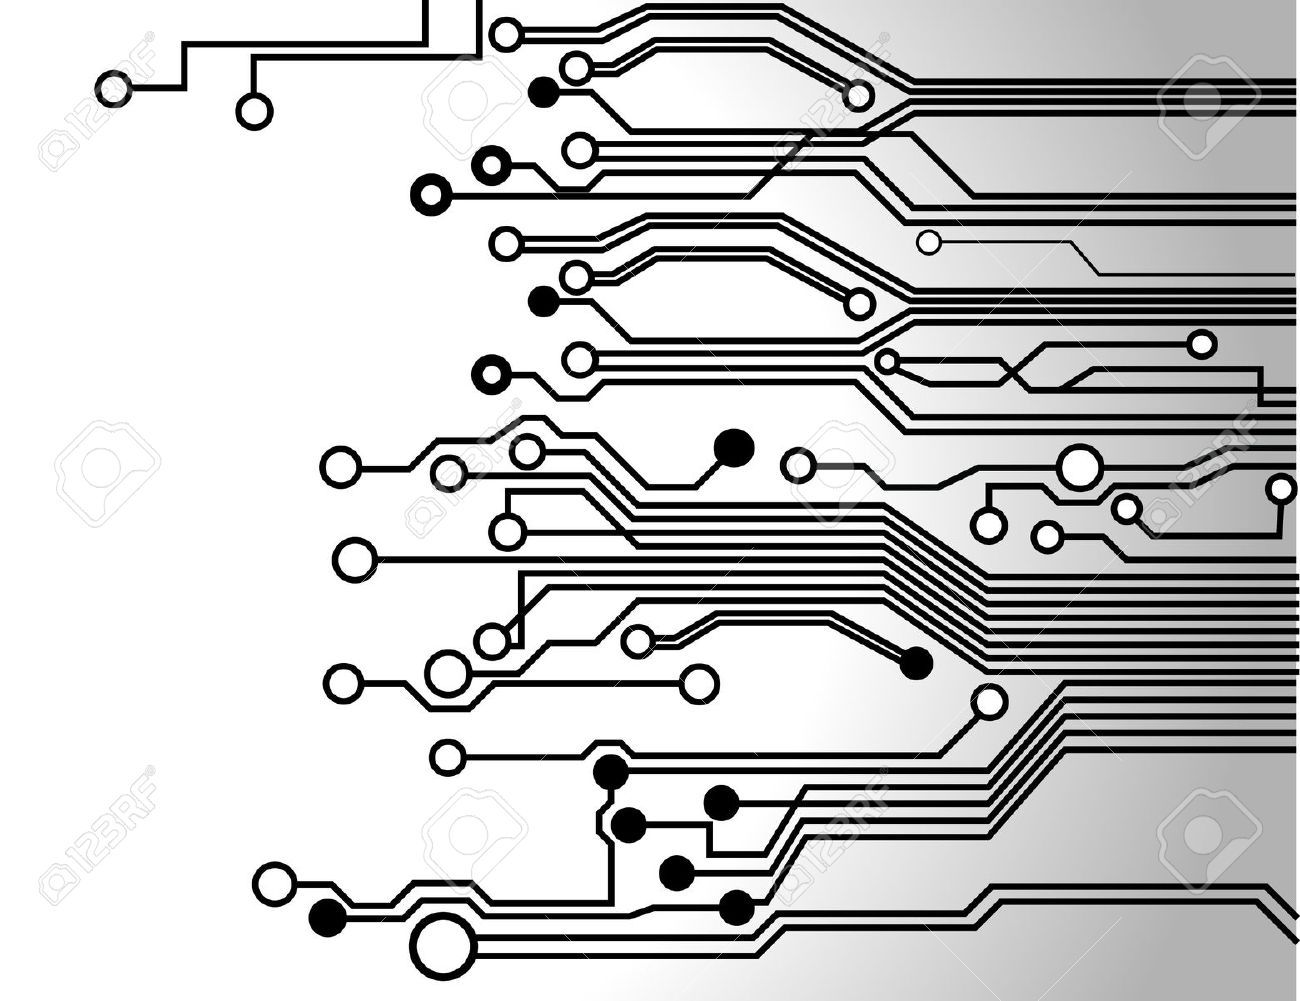 white board texture Google Search Circuit board design